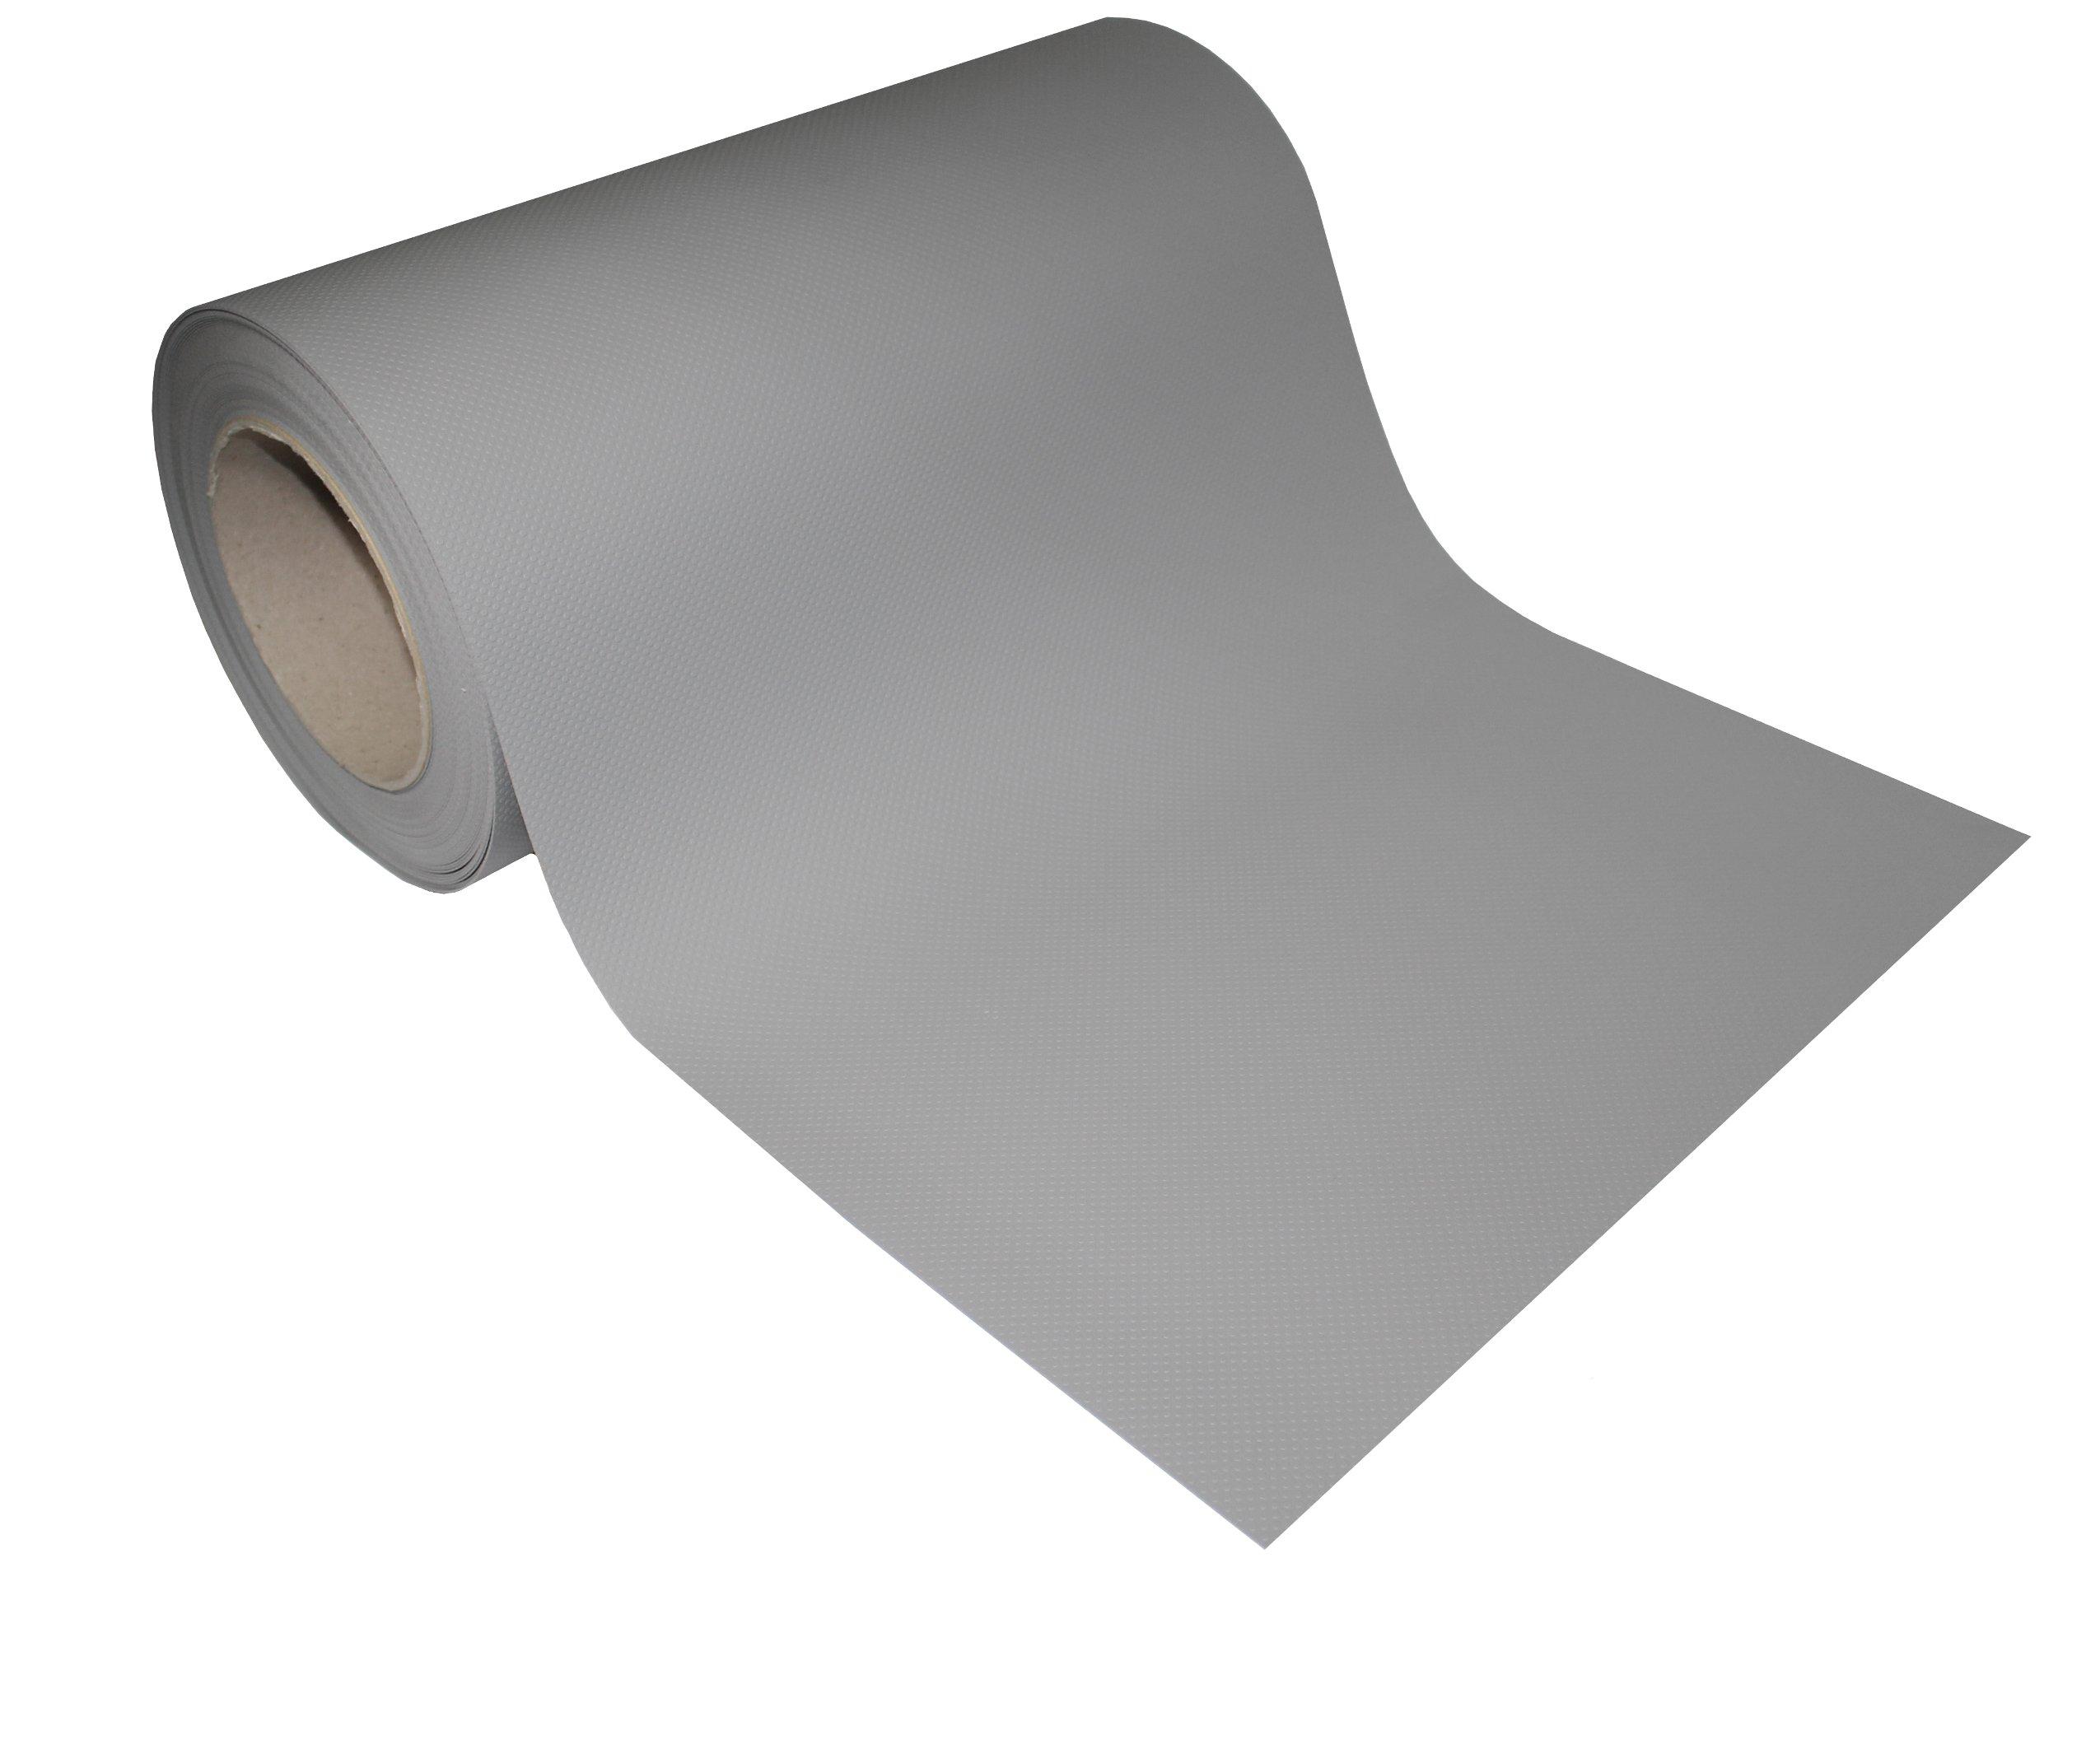 Защитный коврик премиум для шкафчиков и выдвижных ящиков BLUM 10c